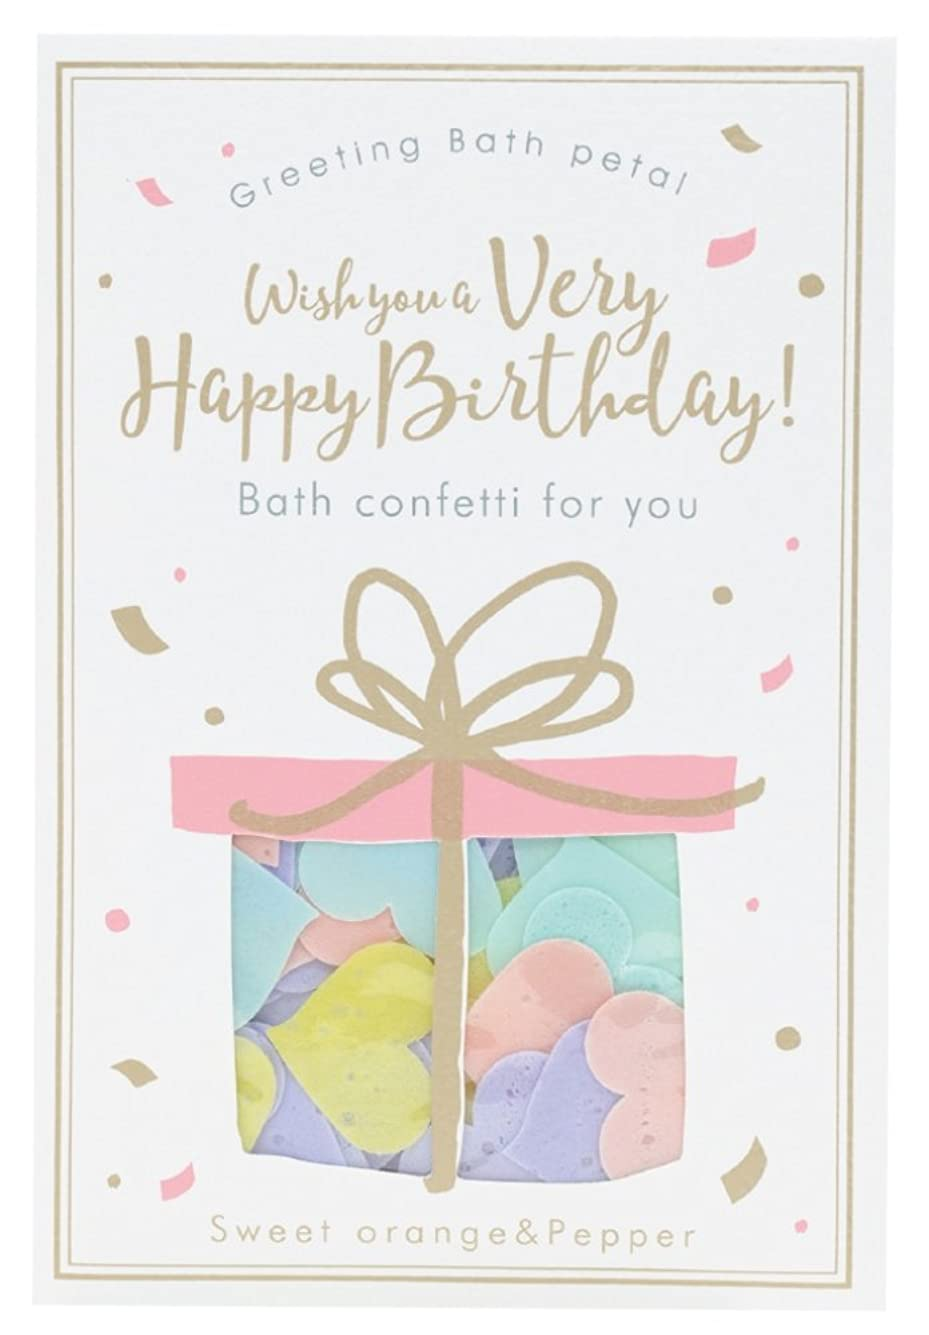 最近音撤回するノルコーポレーション 入浴剤 バスペタル グリーティングバスペタル Wish you a very Happy Birthday 12g スウィートオレンジ & ペッパーの香り OB-GTP-1-4